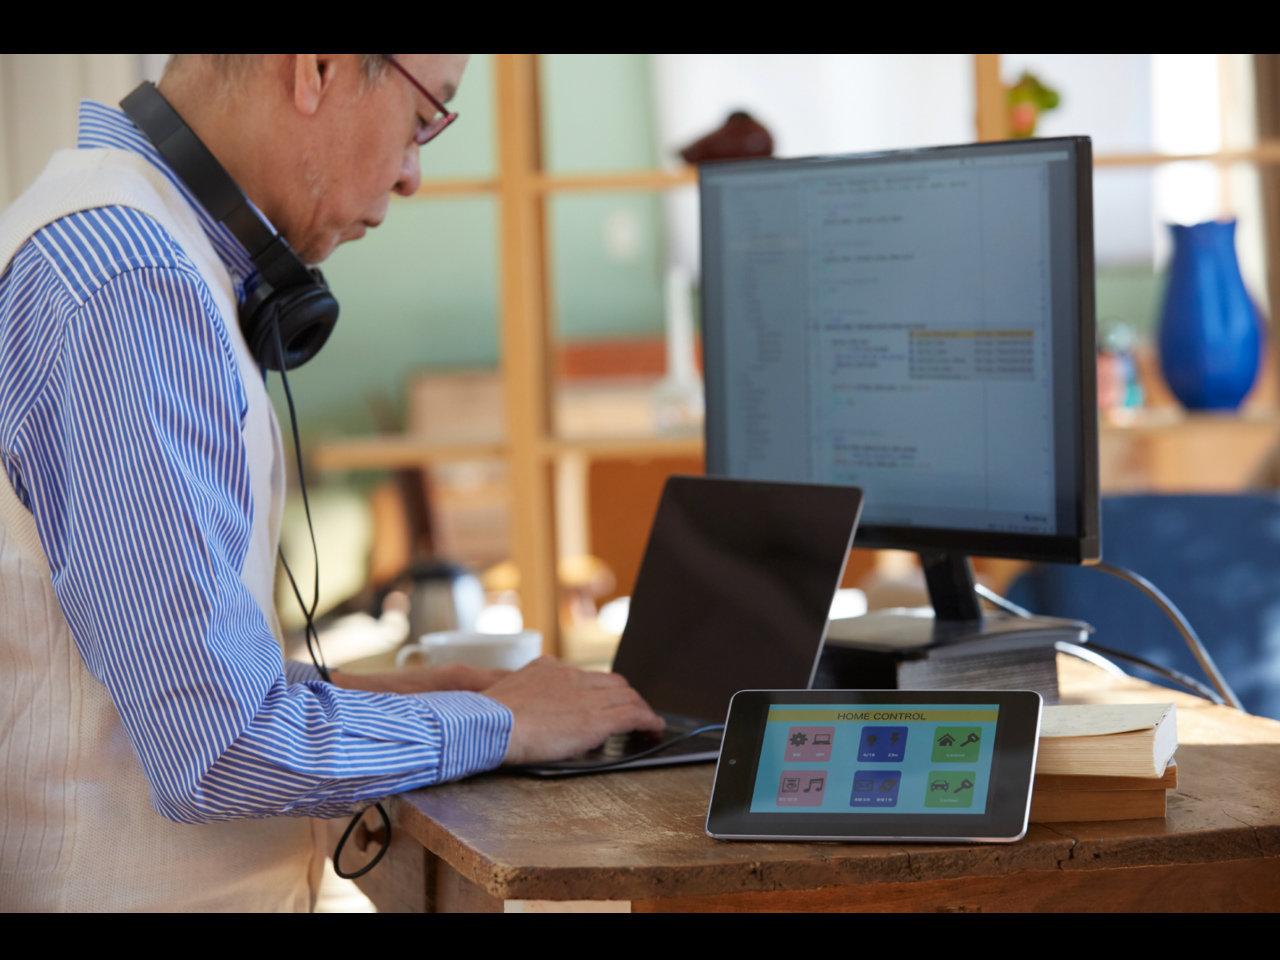 労働人口が減少する中、デジタル変革により生産性向上の取組みが始まった